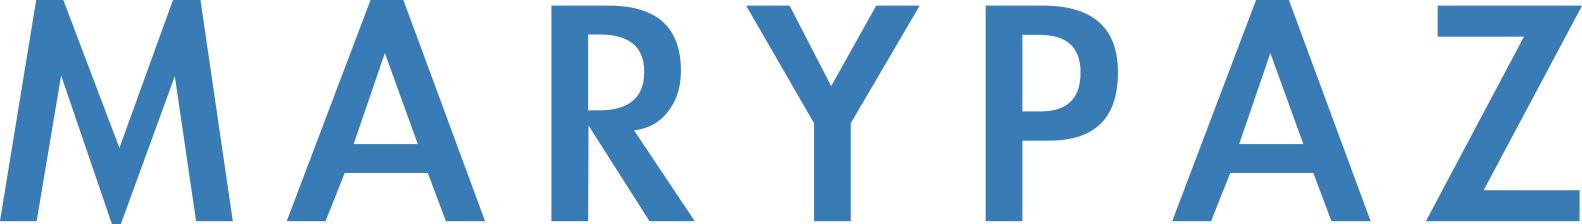 Marypaz confía en Multiplicalia para su tienda online